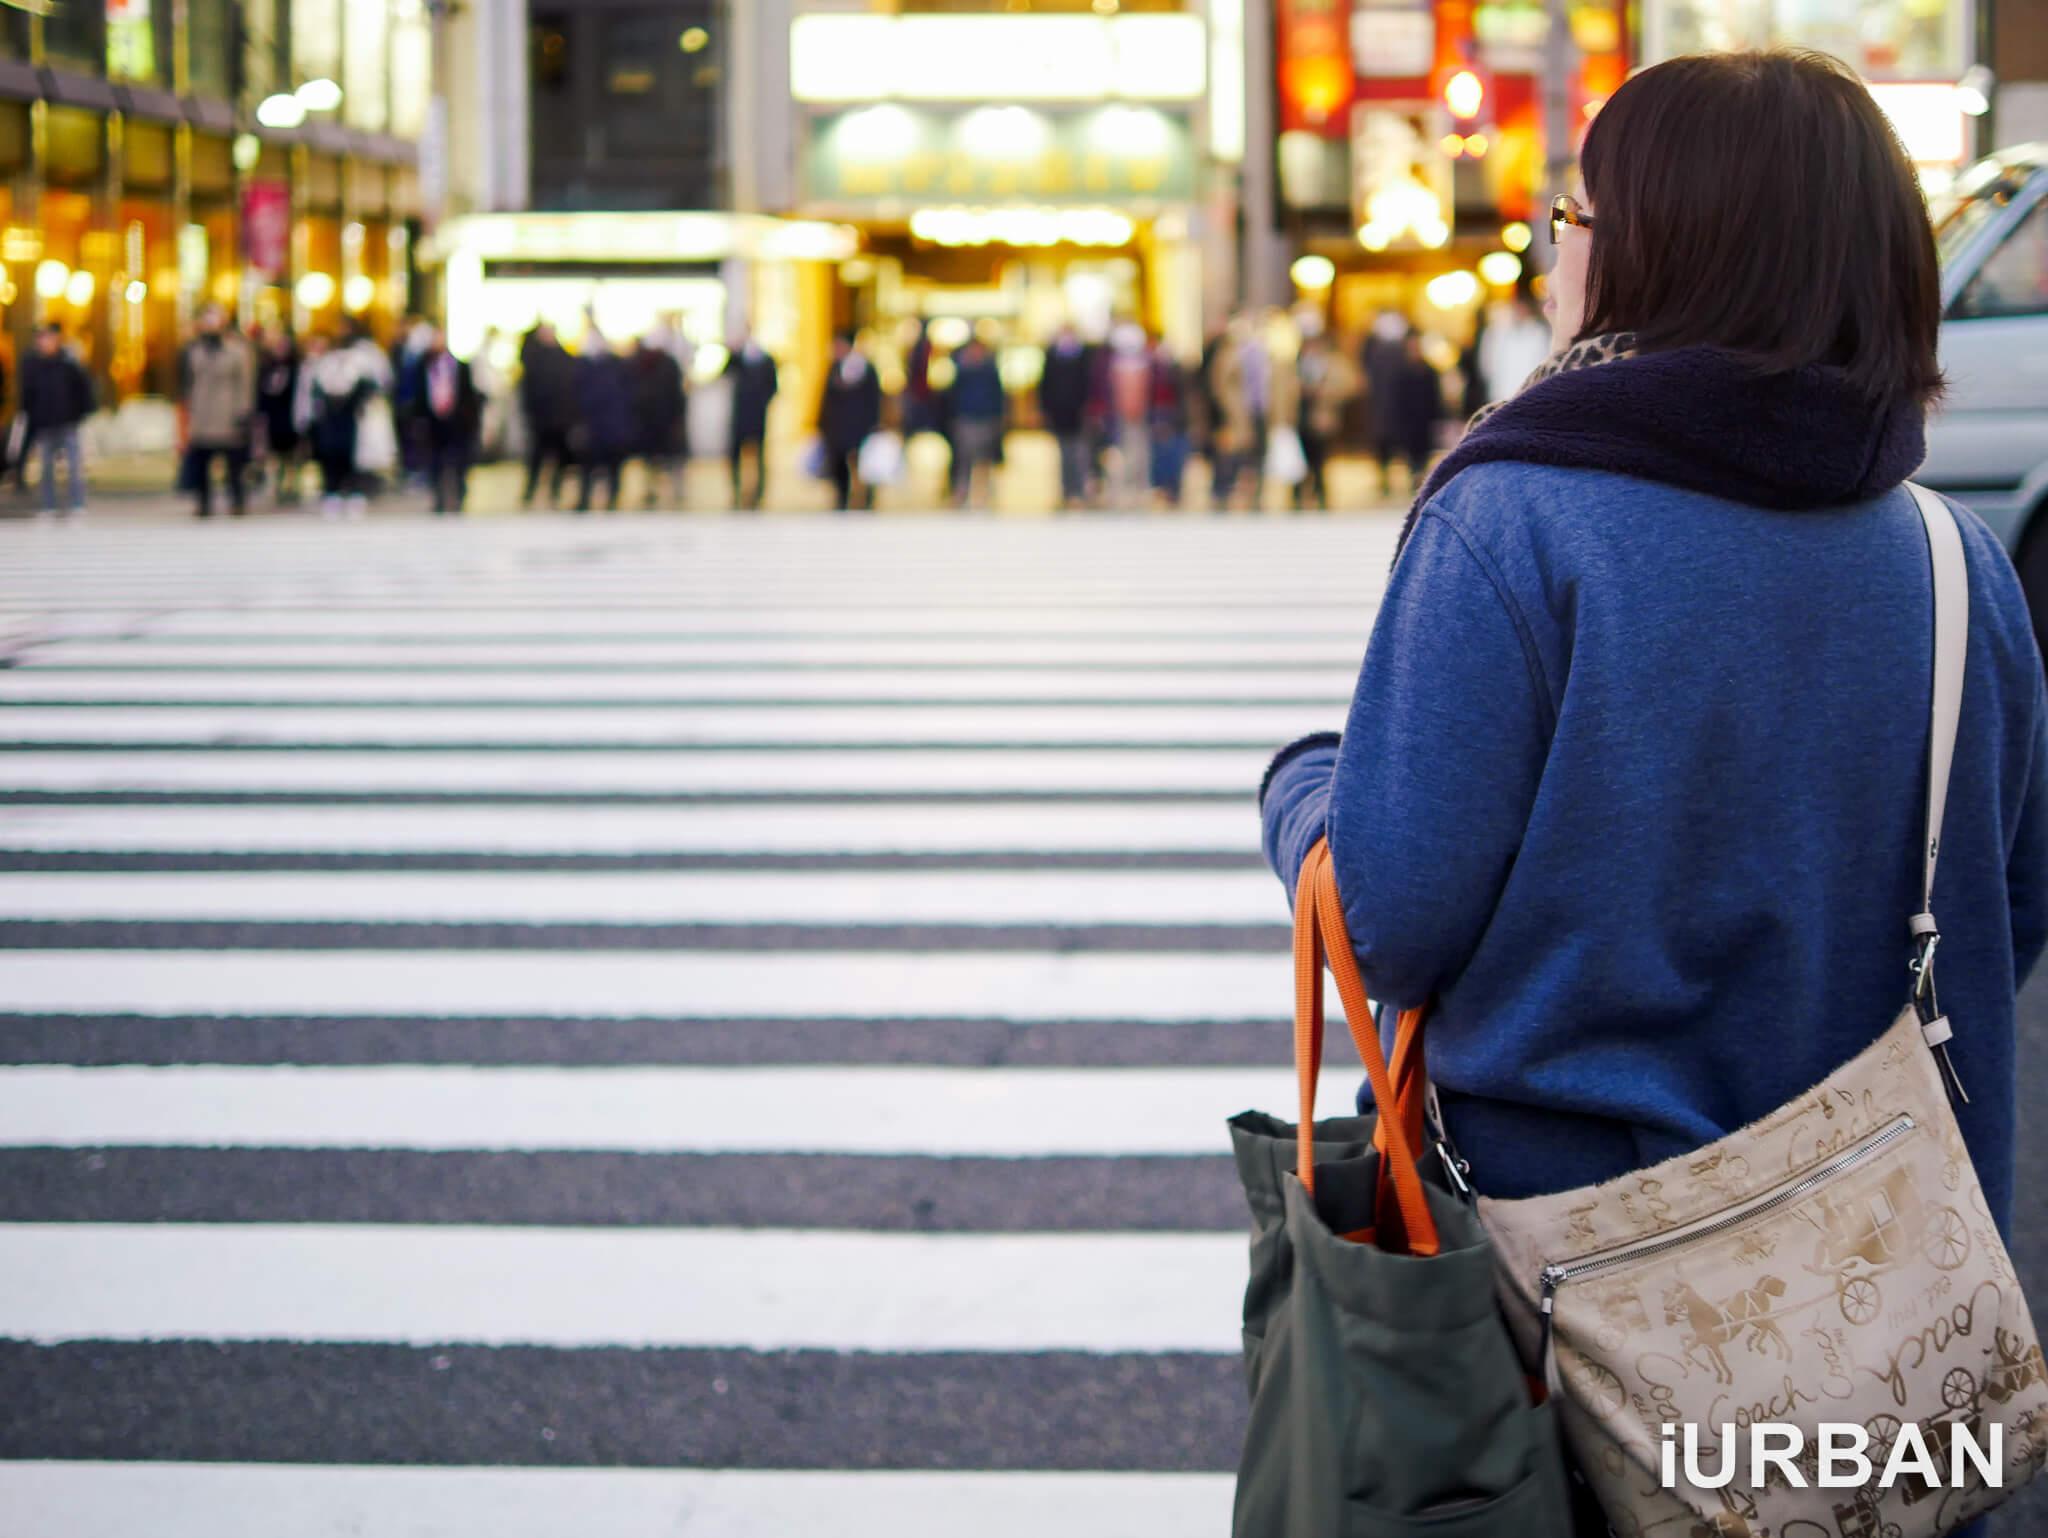 30 วิธีเที่ยวญี่ปุ่นด้วยตัวเอง เตรียมของ แอพ มารยาท เน็ต 4G ต่างประเทศ 20 - AIS (เอไอเอส)